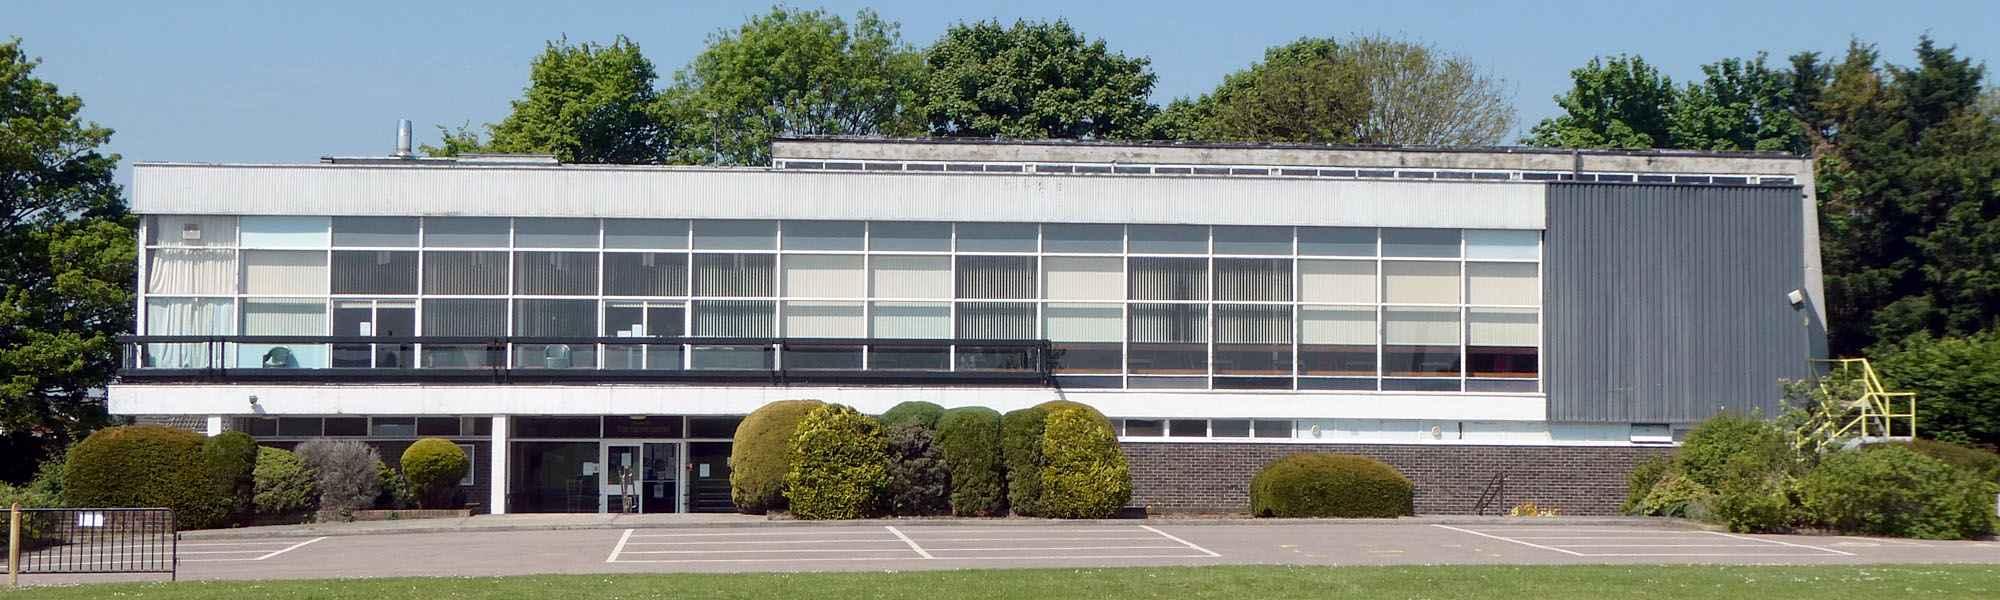 delphi centre sudbury